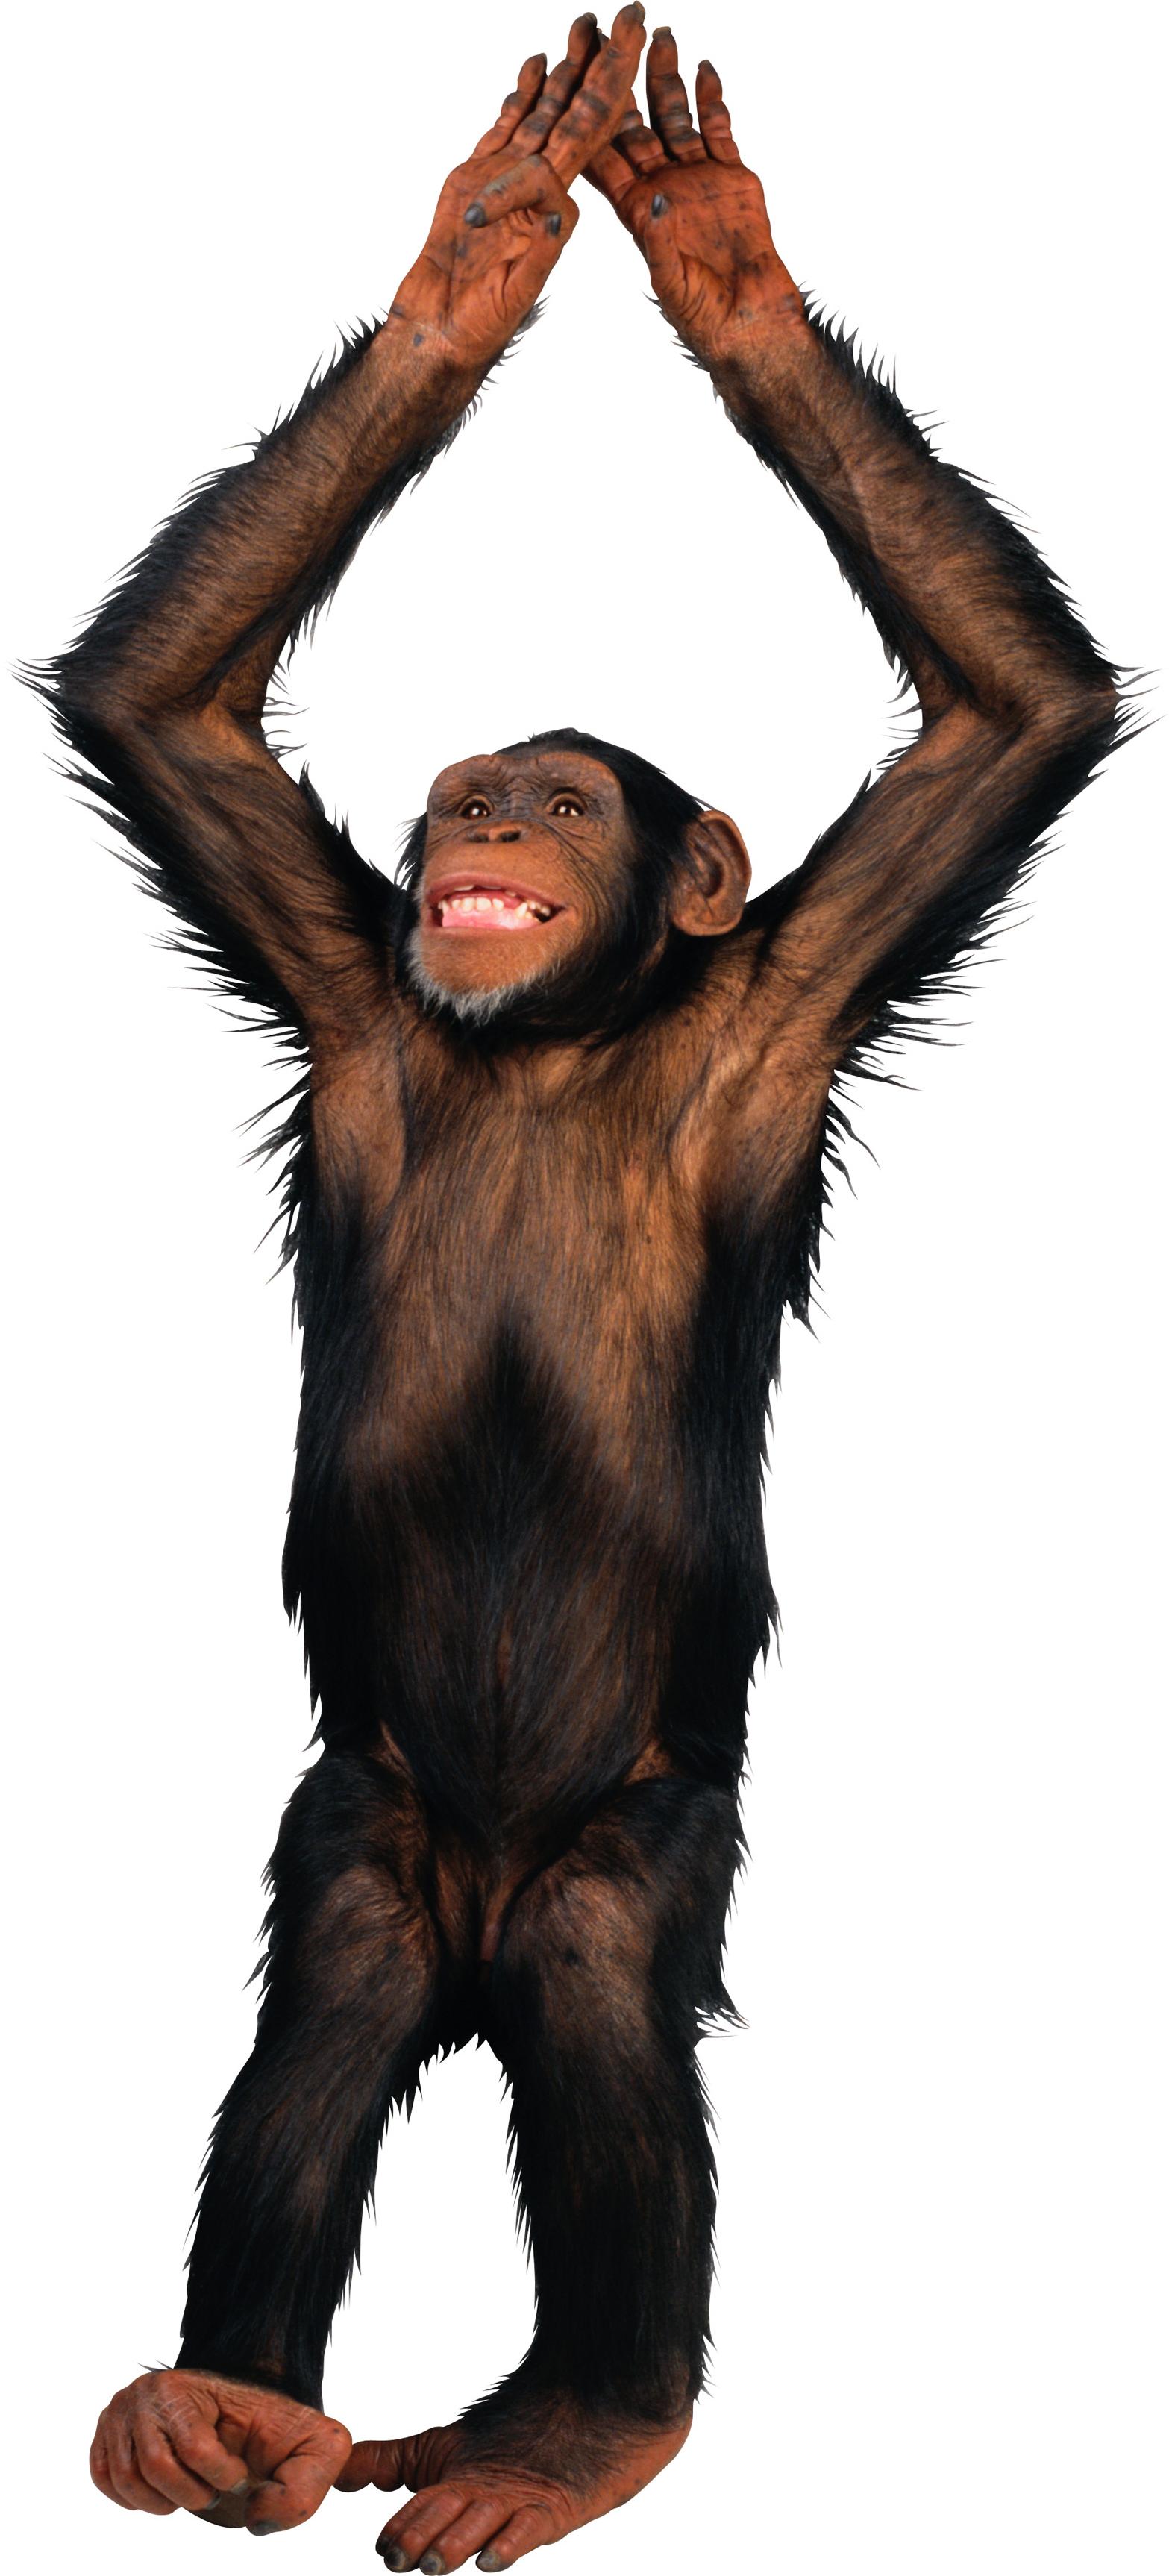 Monkey PNG HD  - 121658